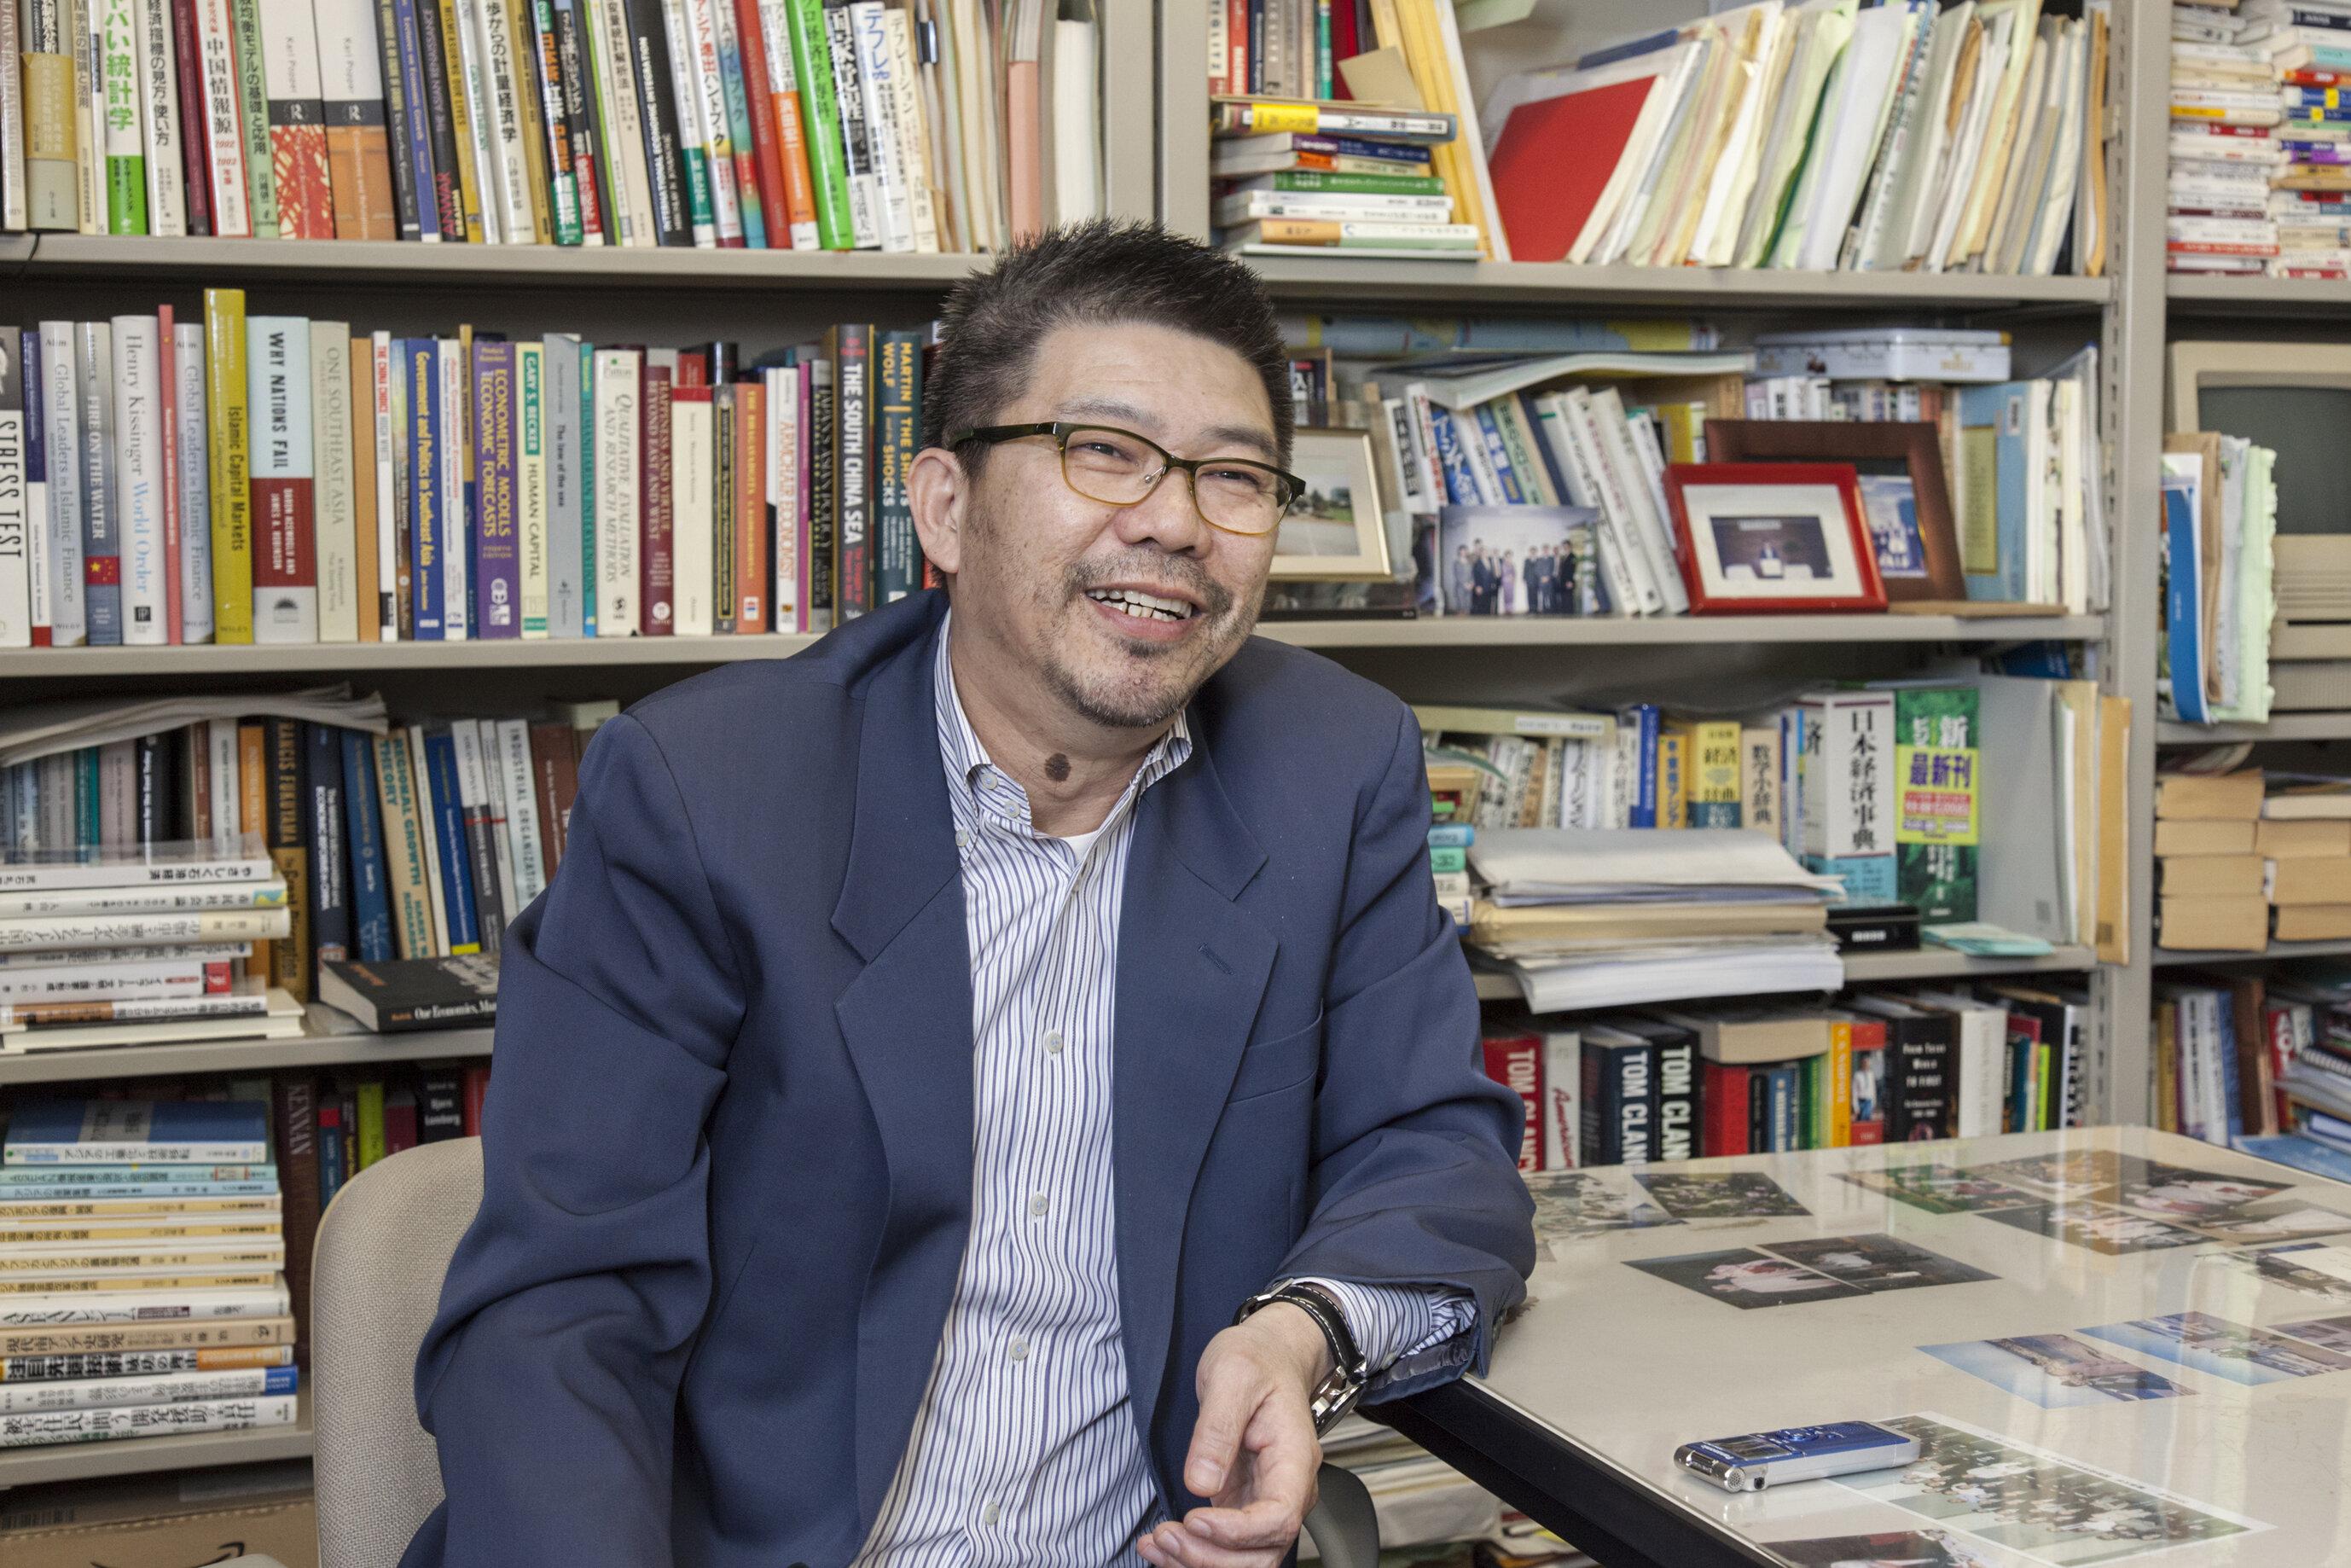 【海外メディア掲載報告】Lau Sim Yee教授の「We must be inclusive, morally just(私たちは包括的で道徳的に公正でなければならない)」という論説が海外メディアに掲載されました